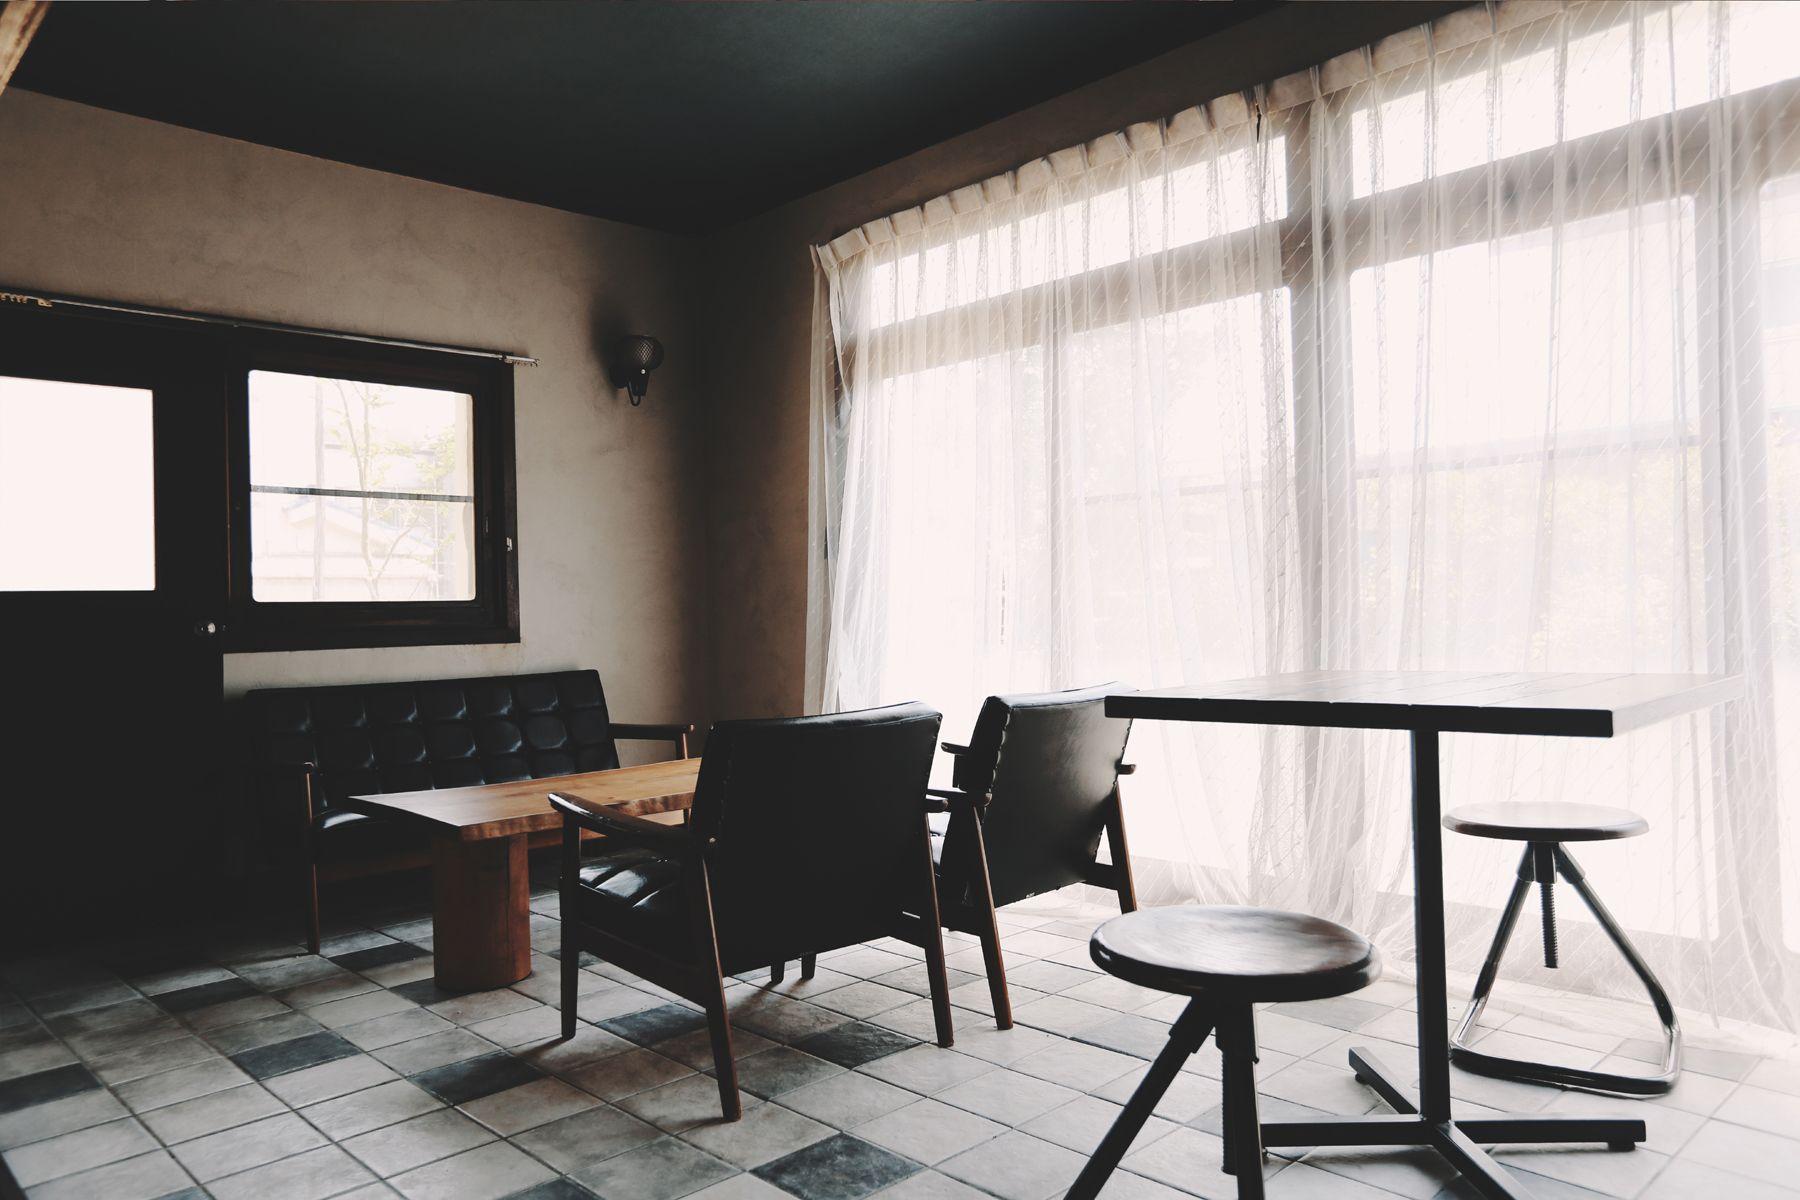 青い屋根の古民家スタジオ カマス邸和室と隣接するカフェスペース